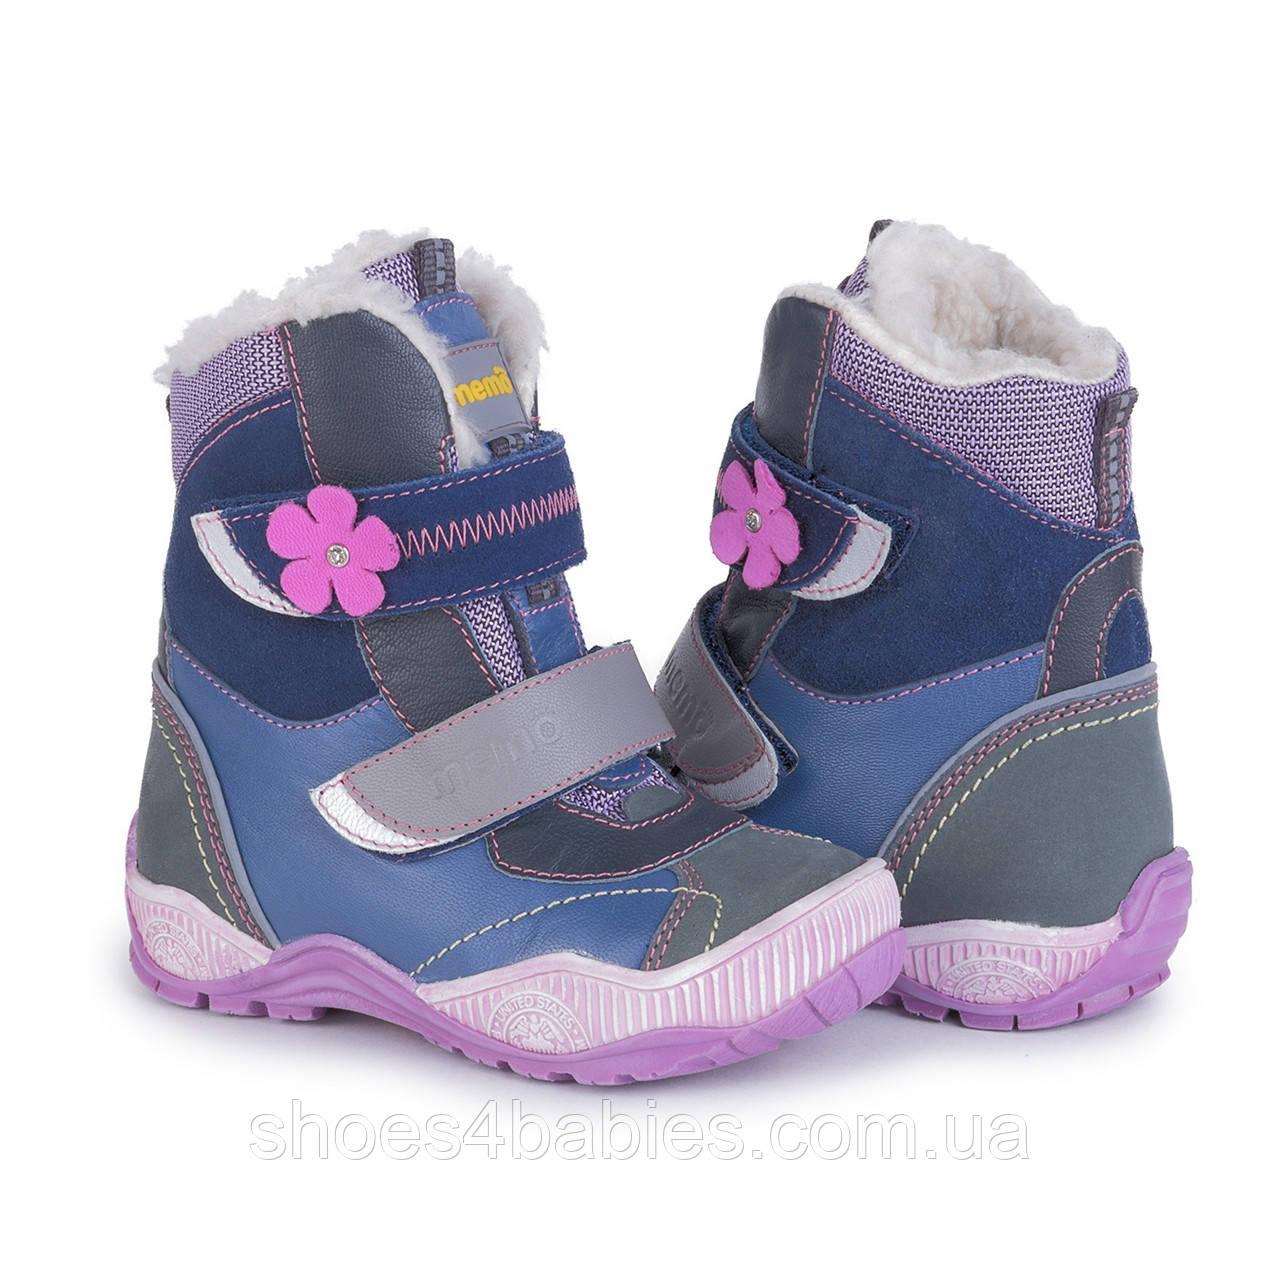 Memo Aspen 1JB - Зимние ортопедические ботинки для детей (фиолетовые) 27